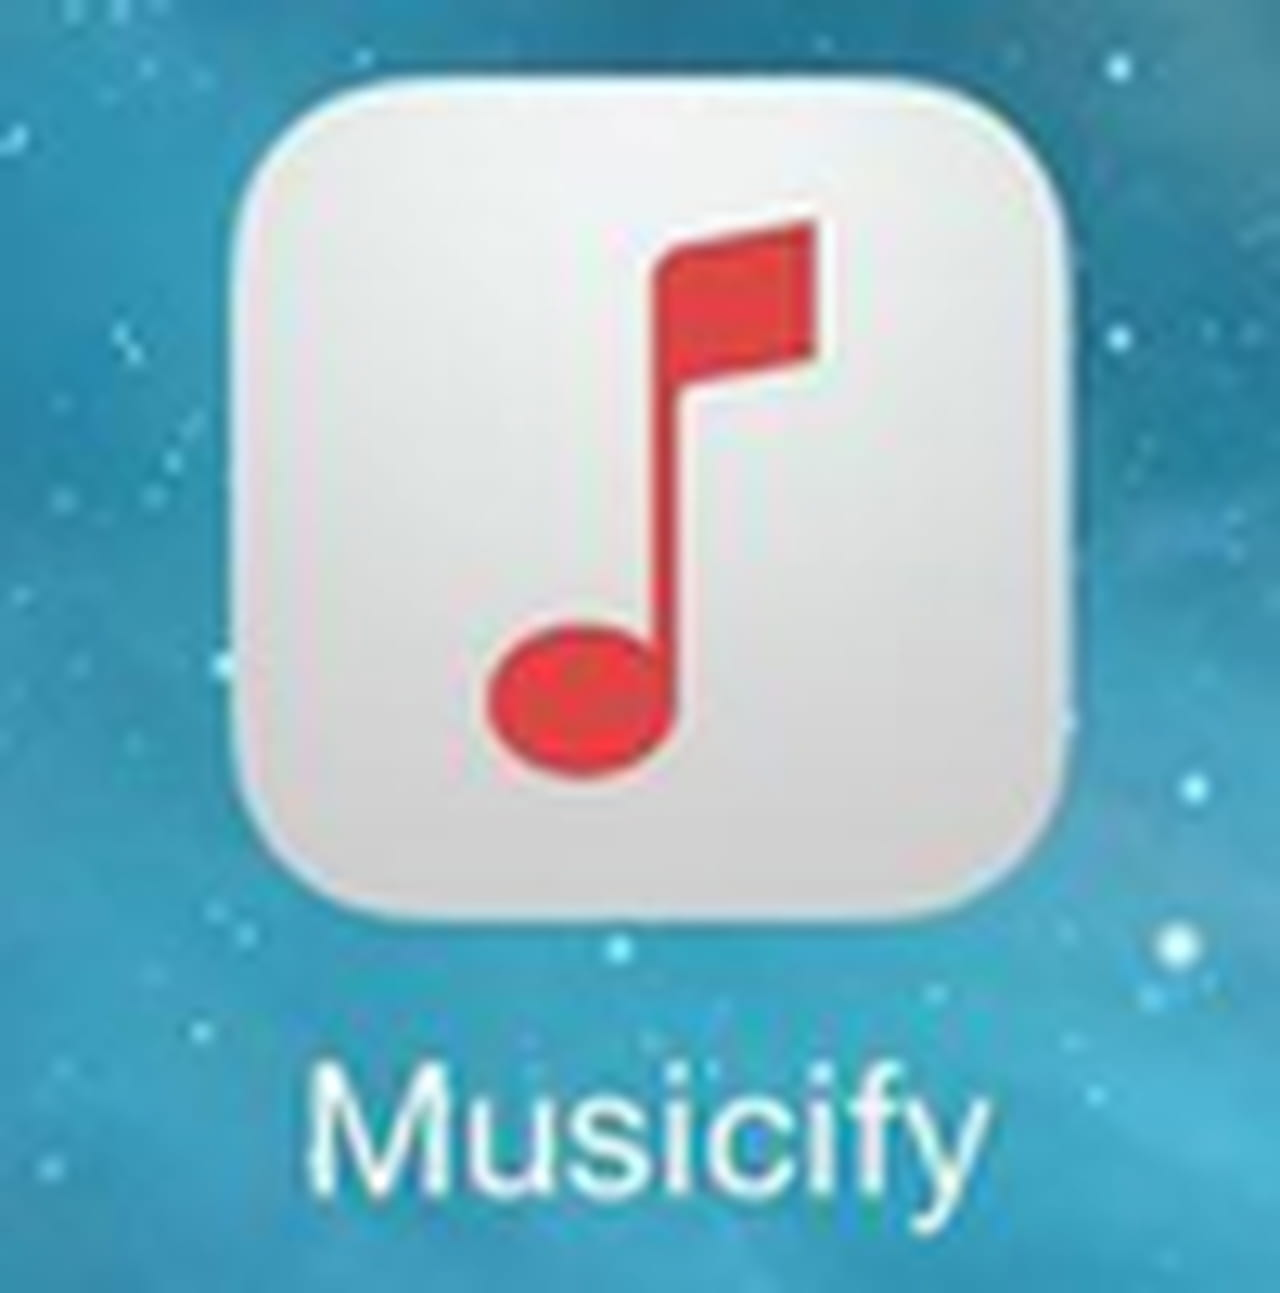 5 applis pour couter la musique - Application couper musique ...